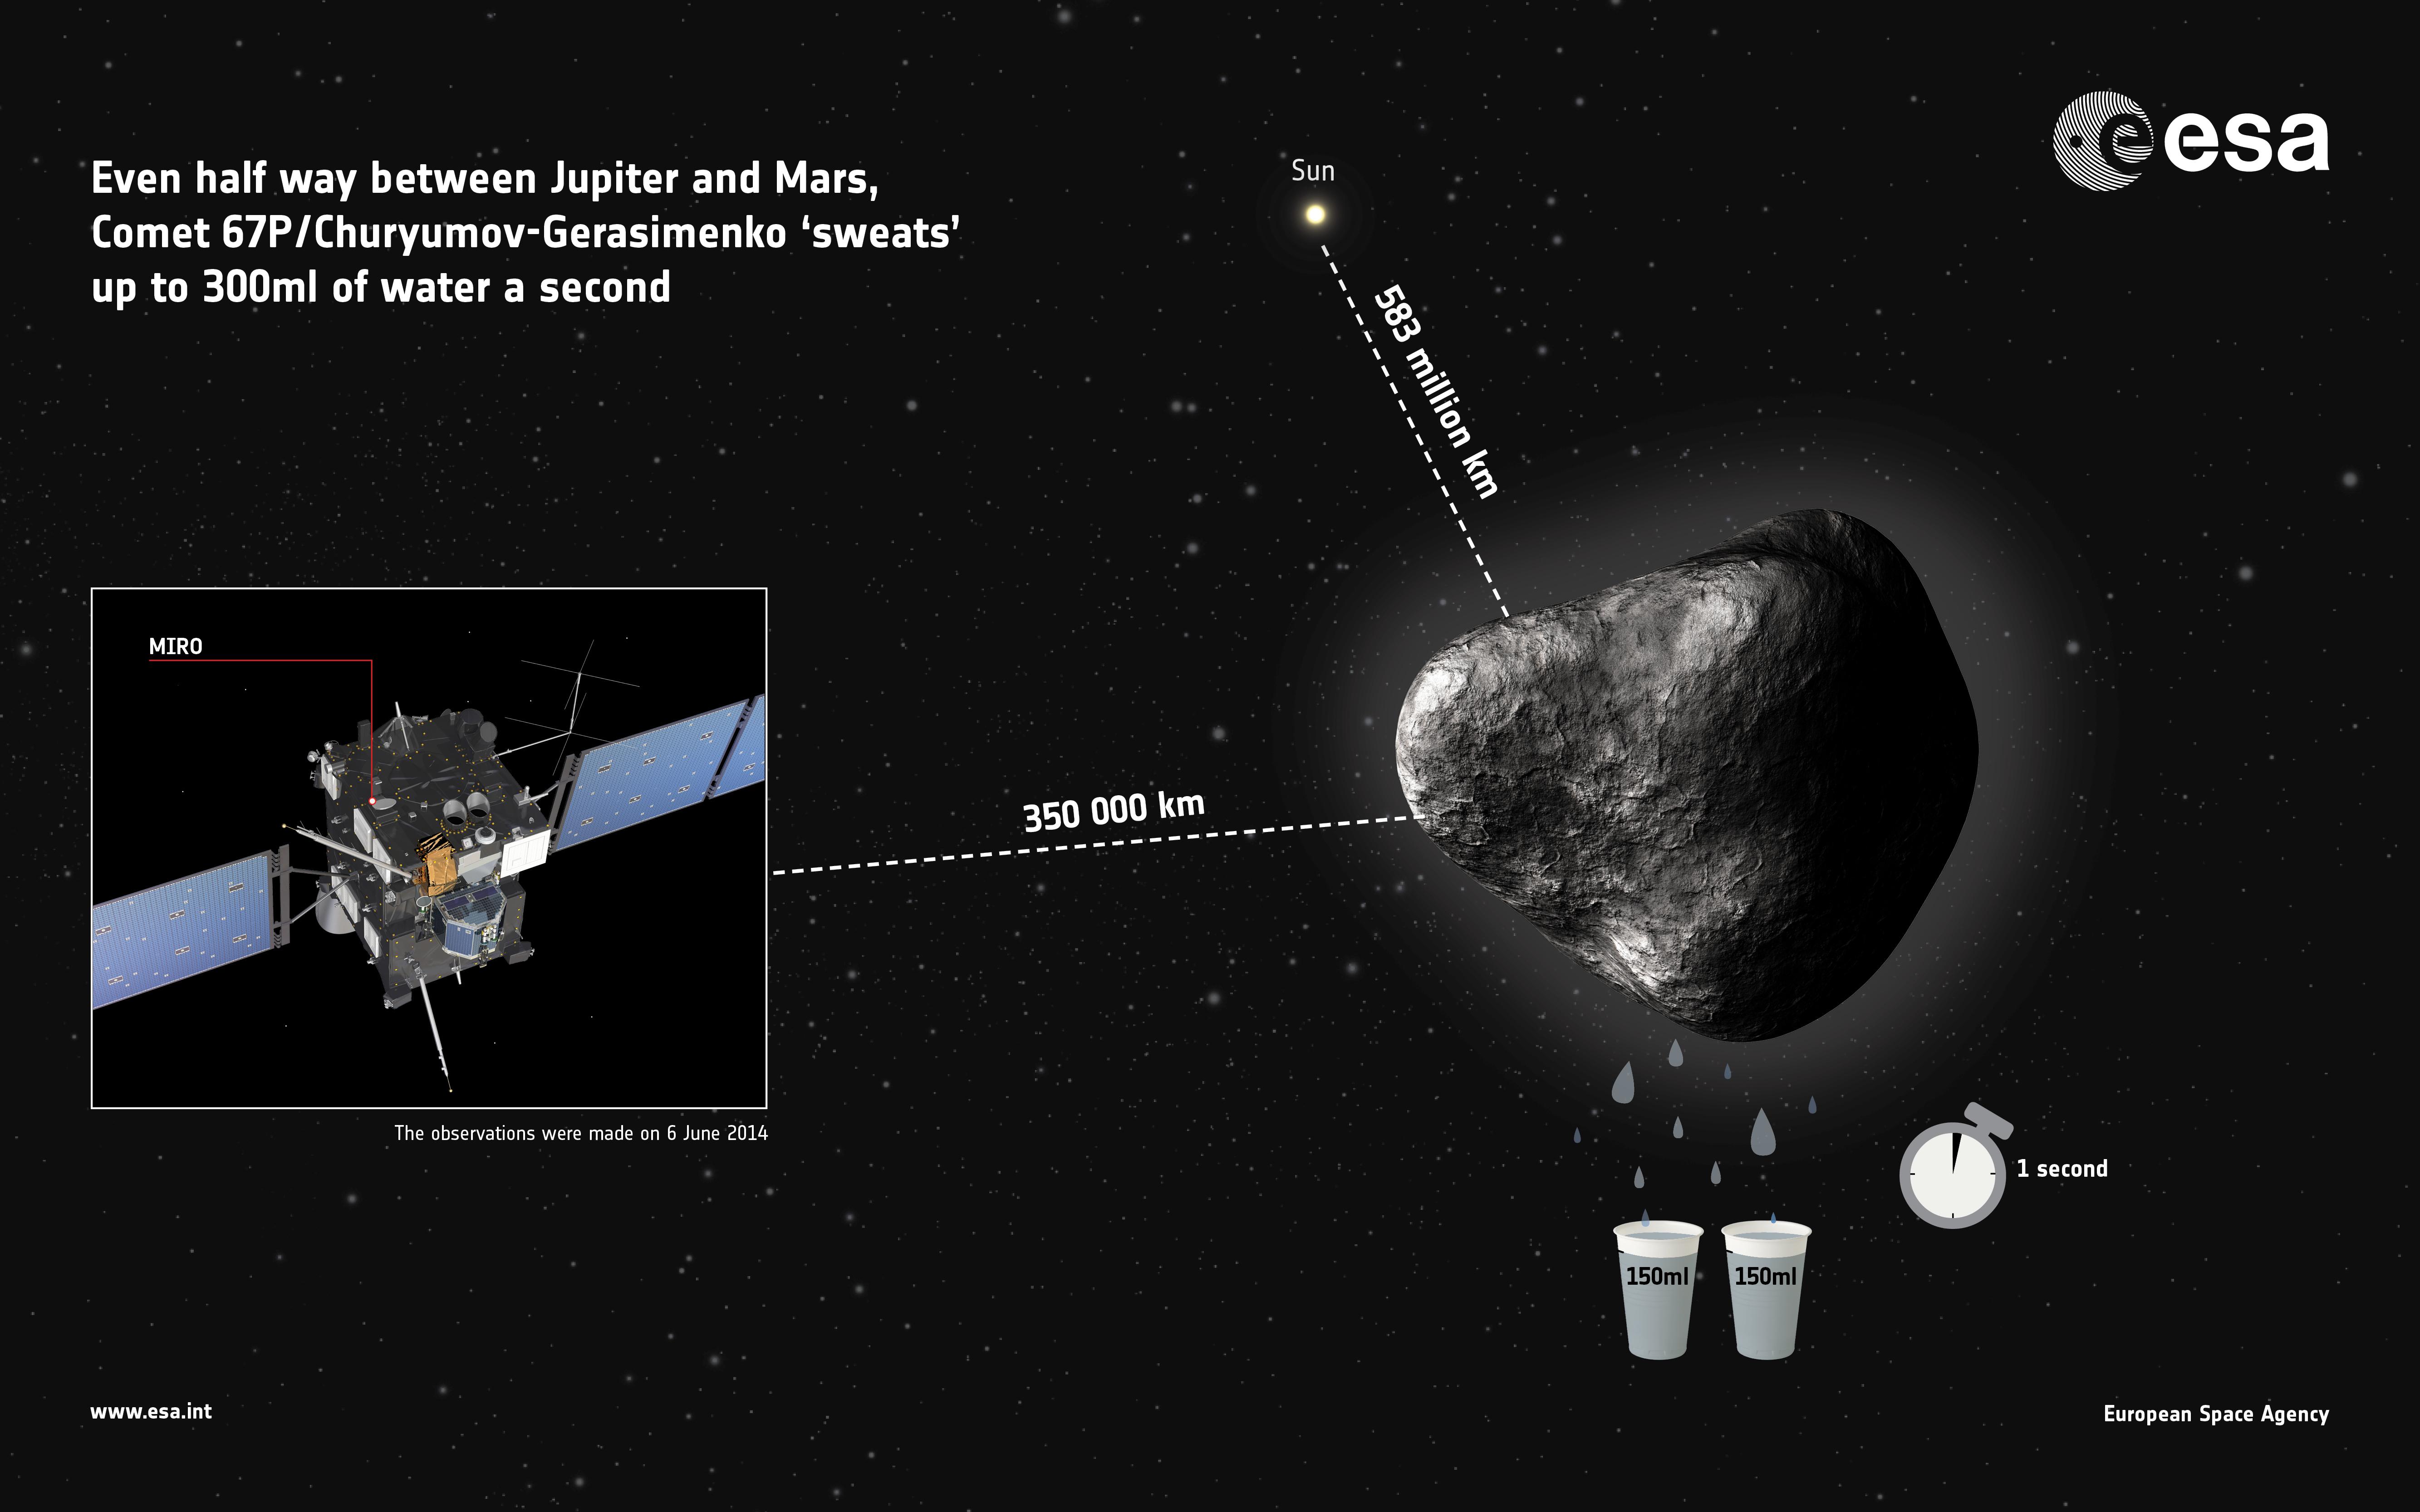 1567216322454-Comet67P_MIRO_water_infographic.jpg